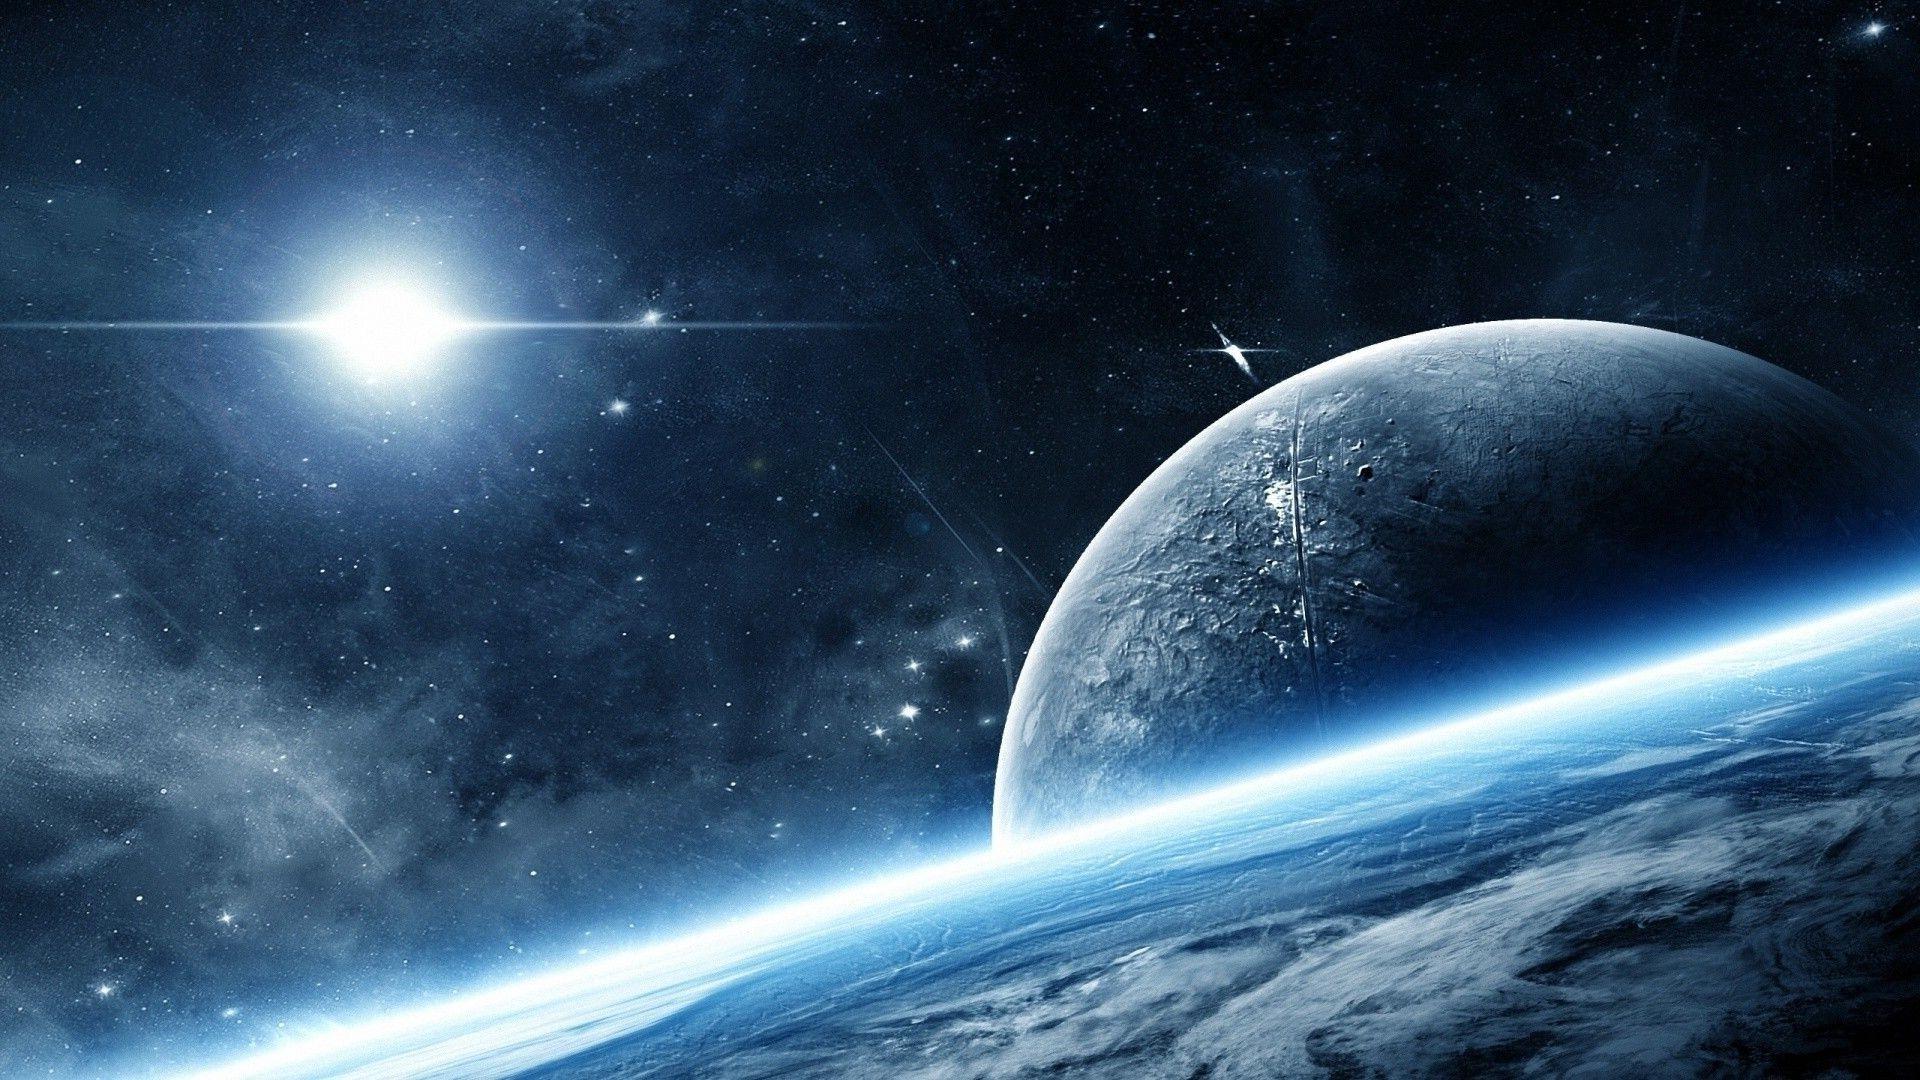 Ученые сделали феноменальный вывод: жизнь на планете Земля имеет инопланетное происхождение - подробности